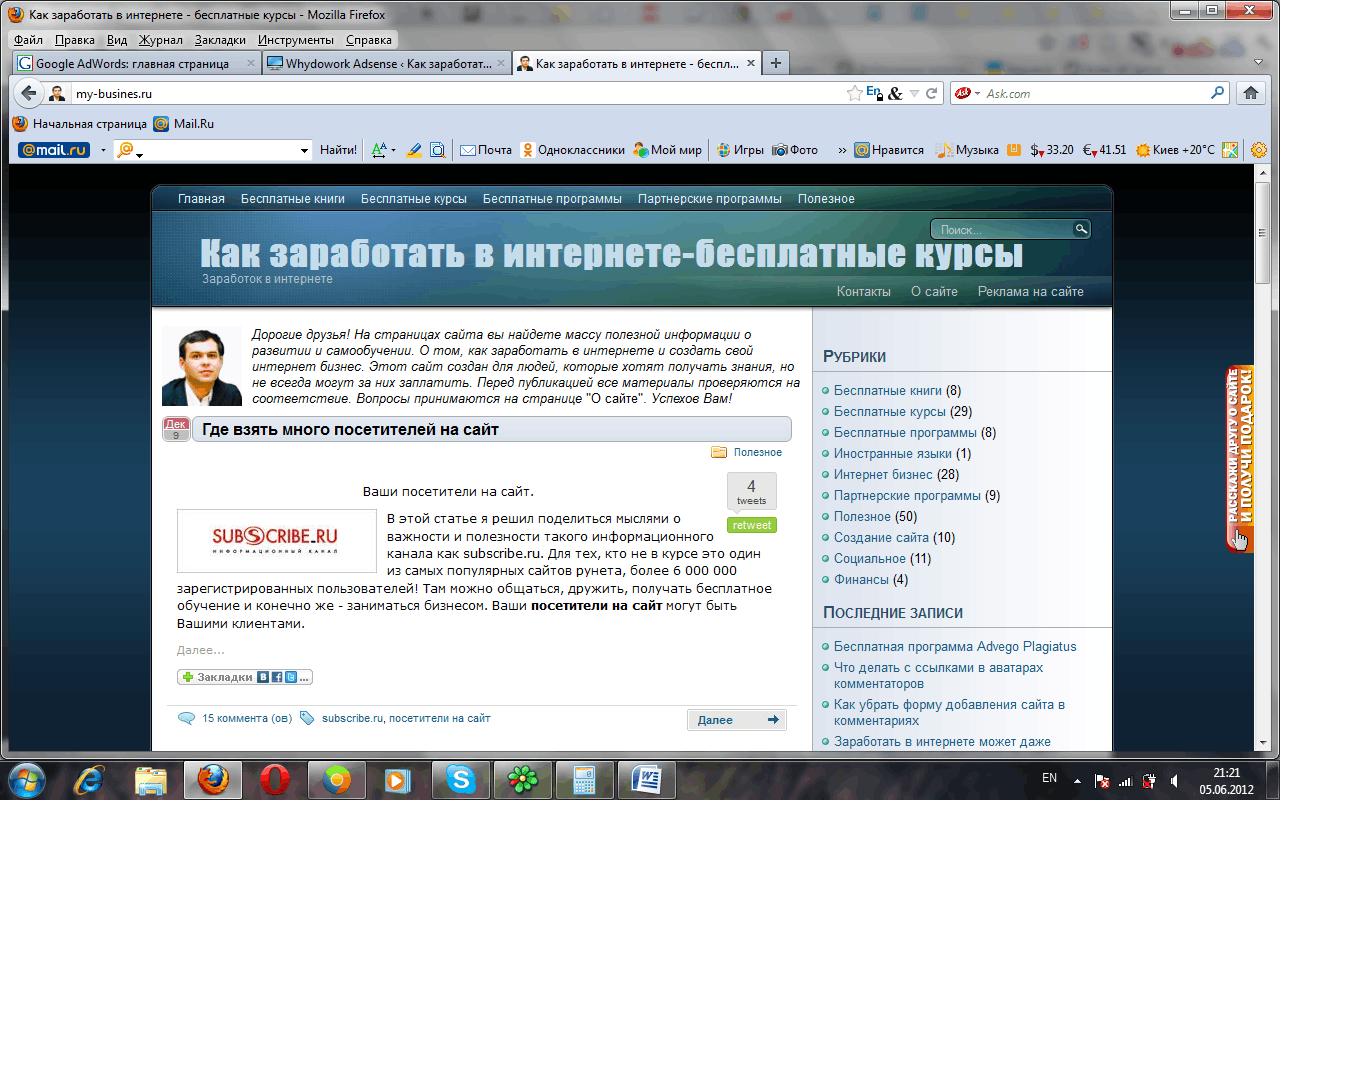 Как сделать ссылку на главную страницу сайта